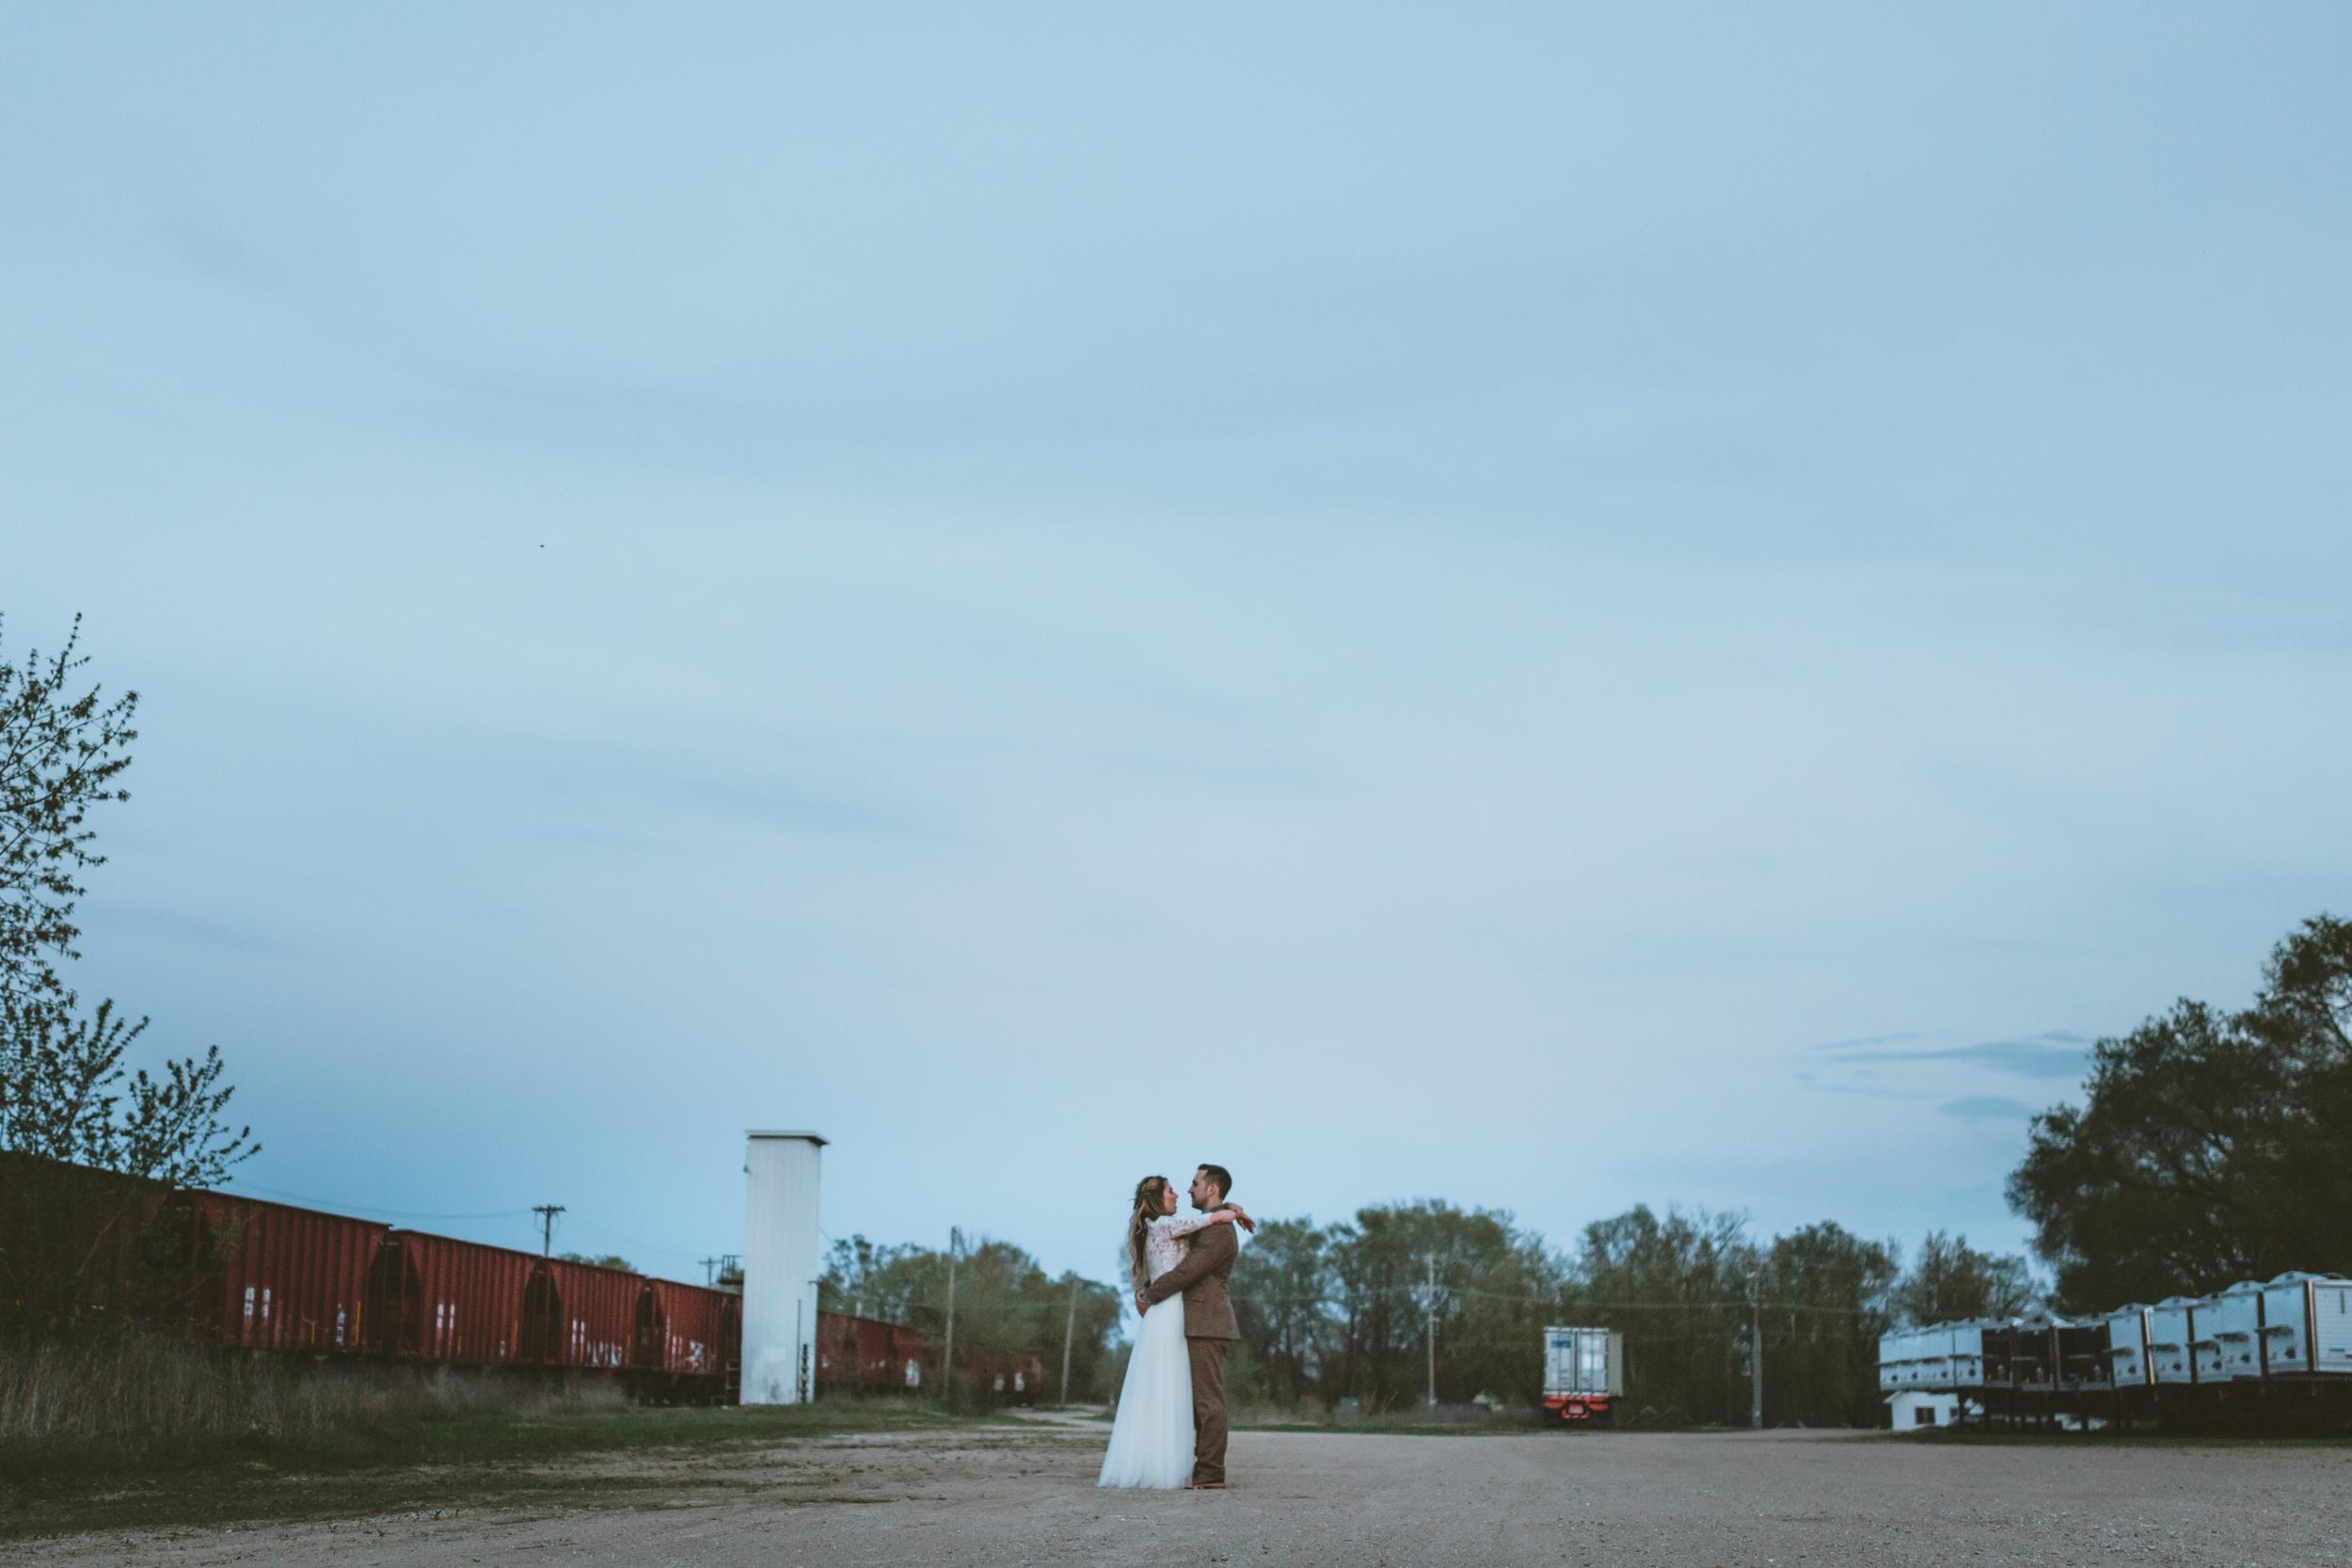 lageret madison wisconsin wedding photographers-99.jpg